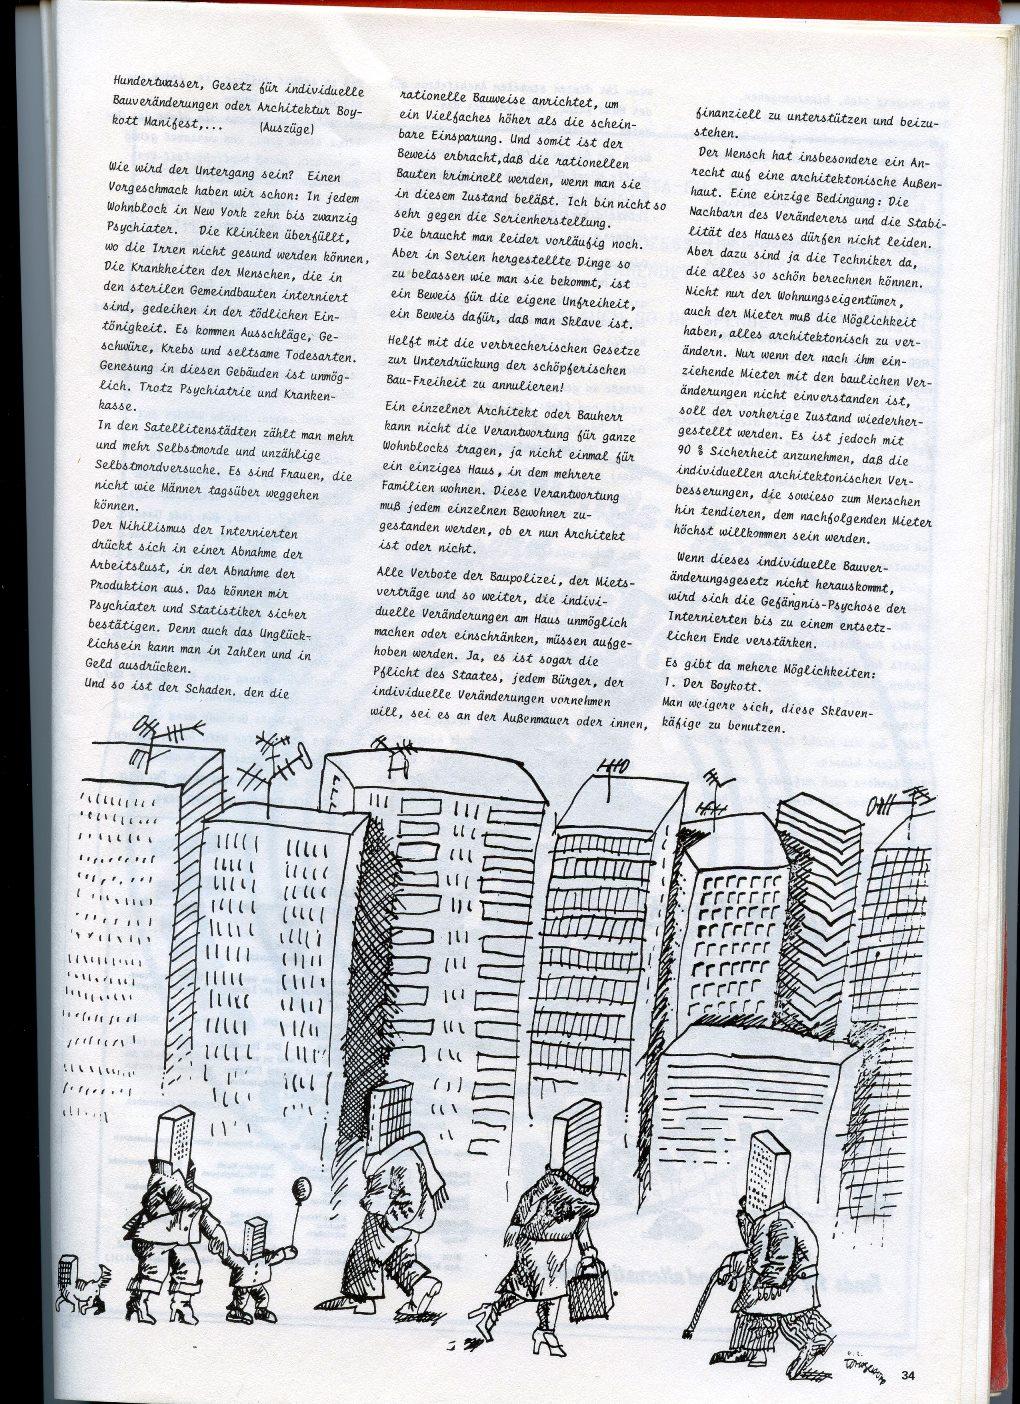 Muenster_Hausbesetzung_1980_35